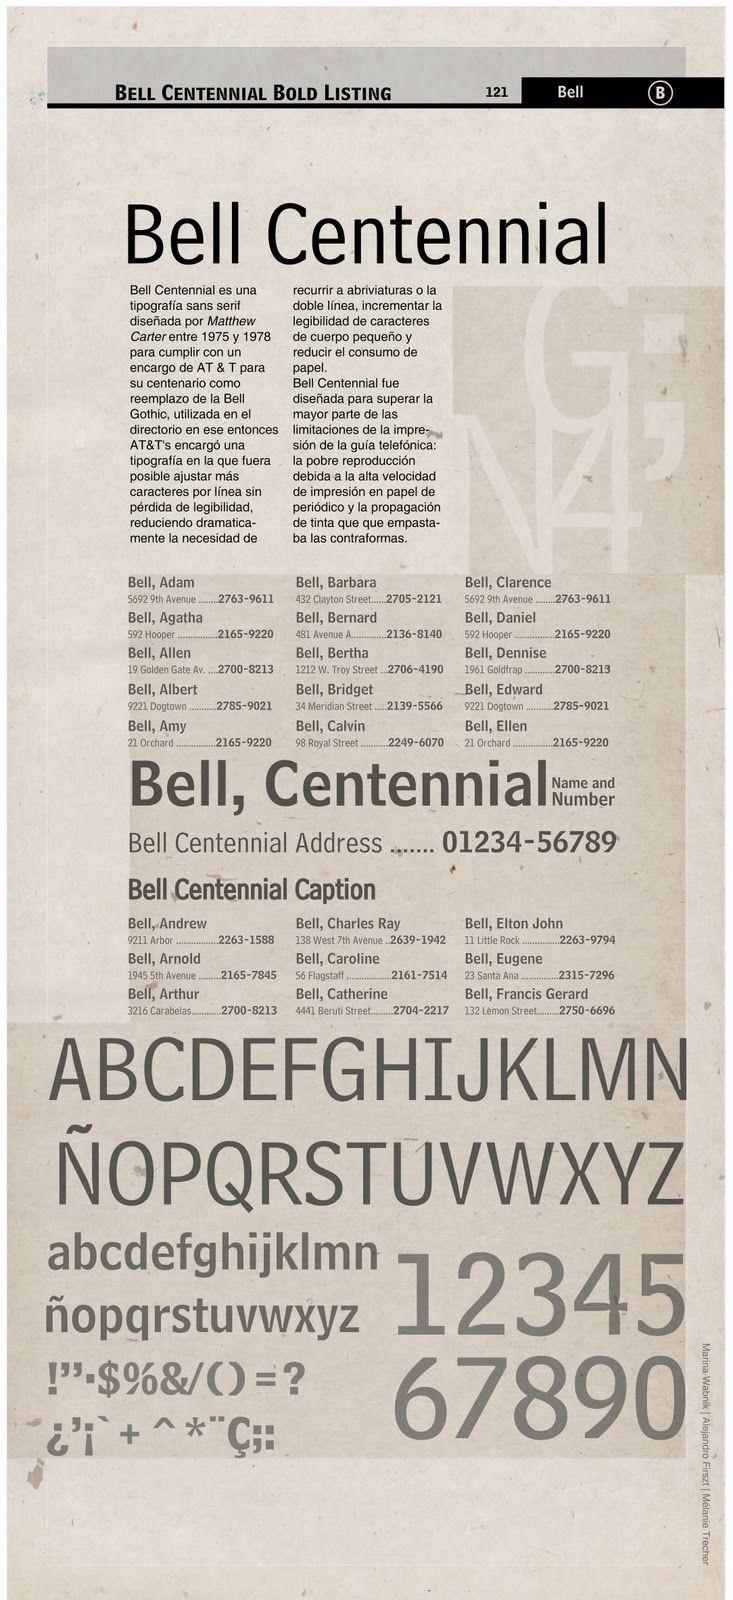 bell centennial - Buscar con Google